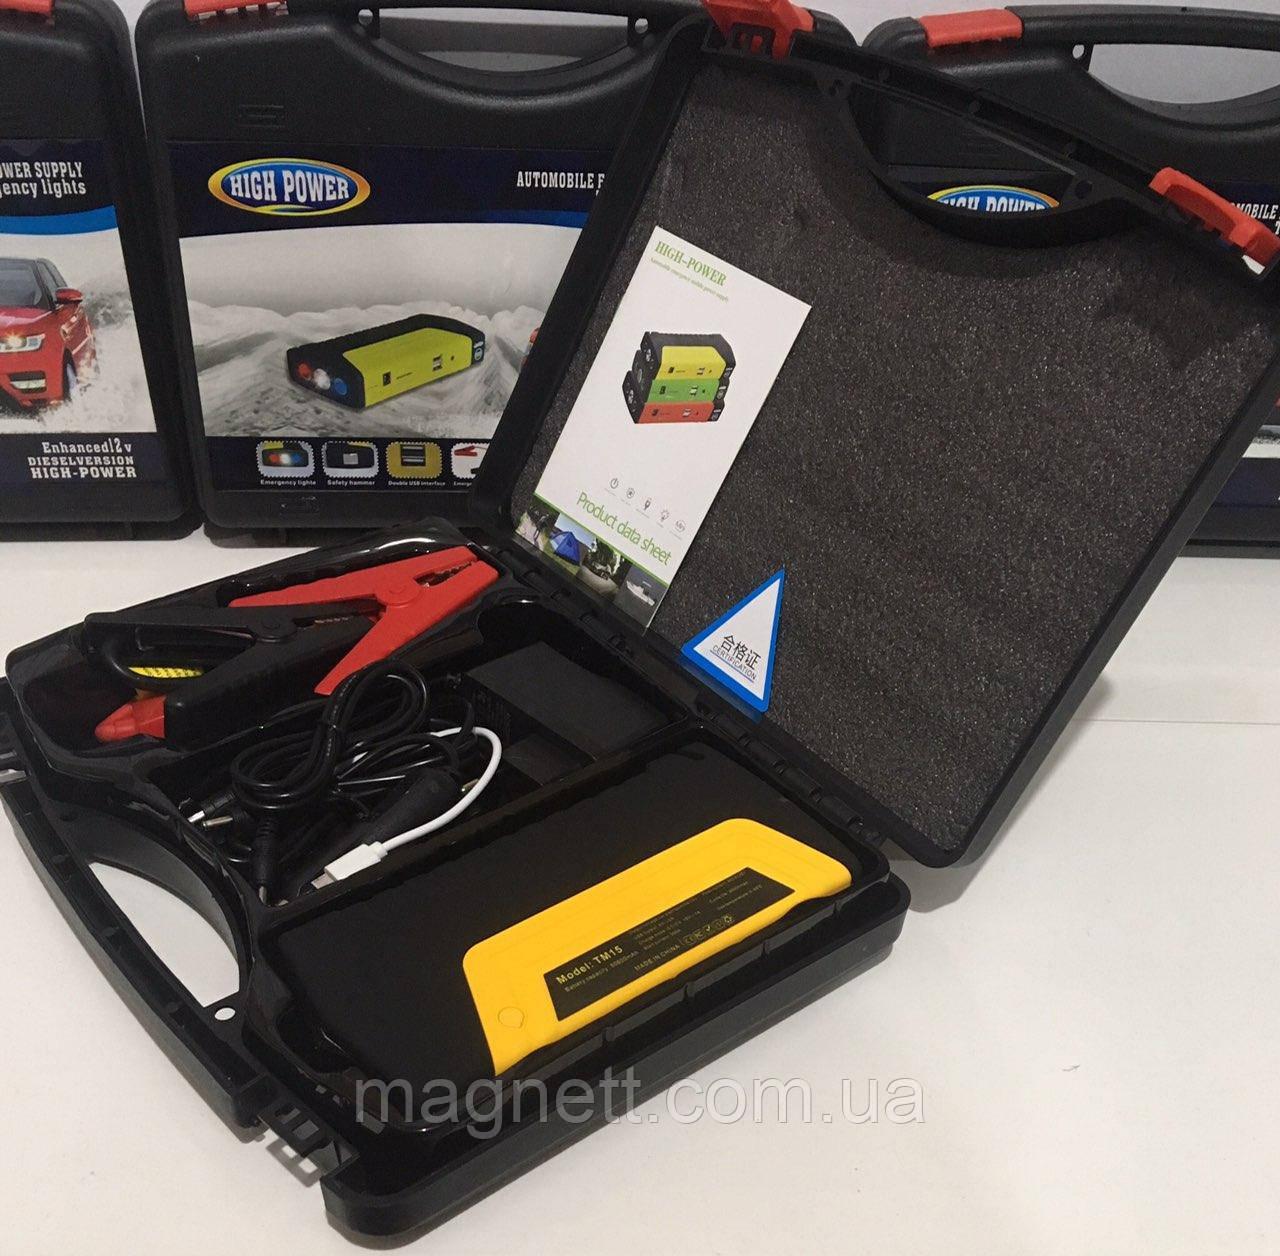 Зарядное пусковое устройство для машины HIGH POWER Jump Start Car 50800mAh Power Bank